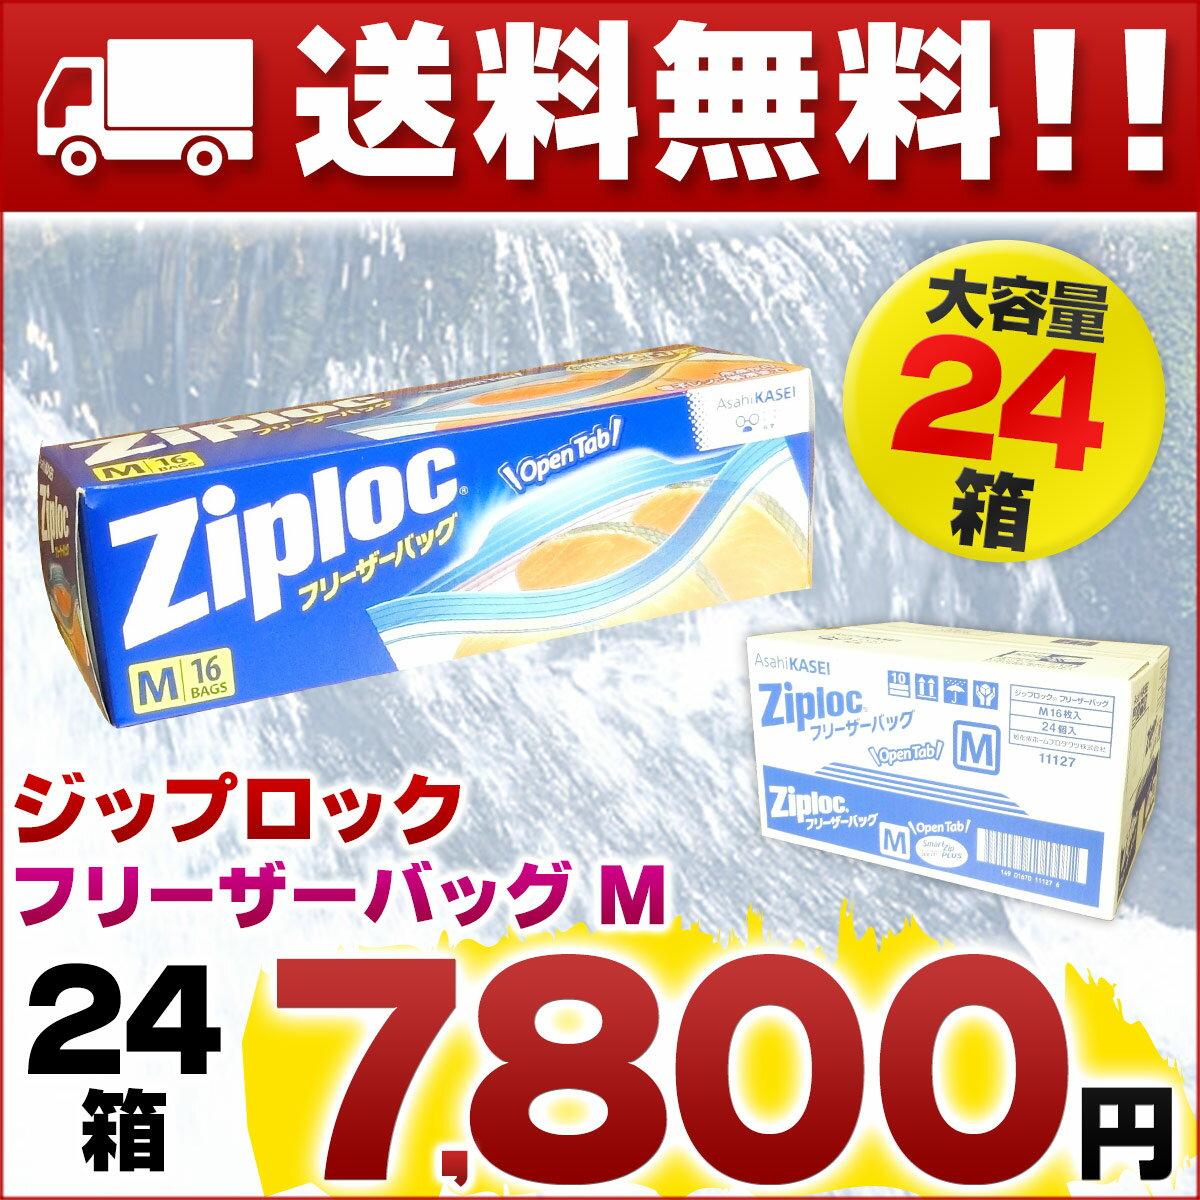 【送料無料】ジップロック フリーザーバッグ M ...の商品画像